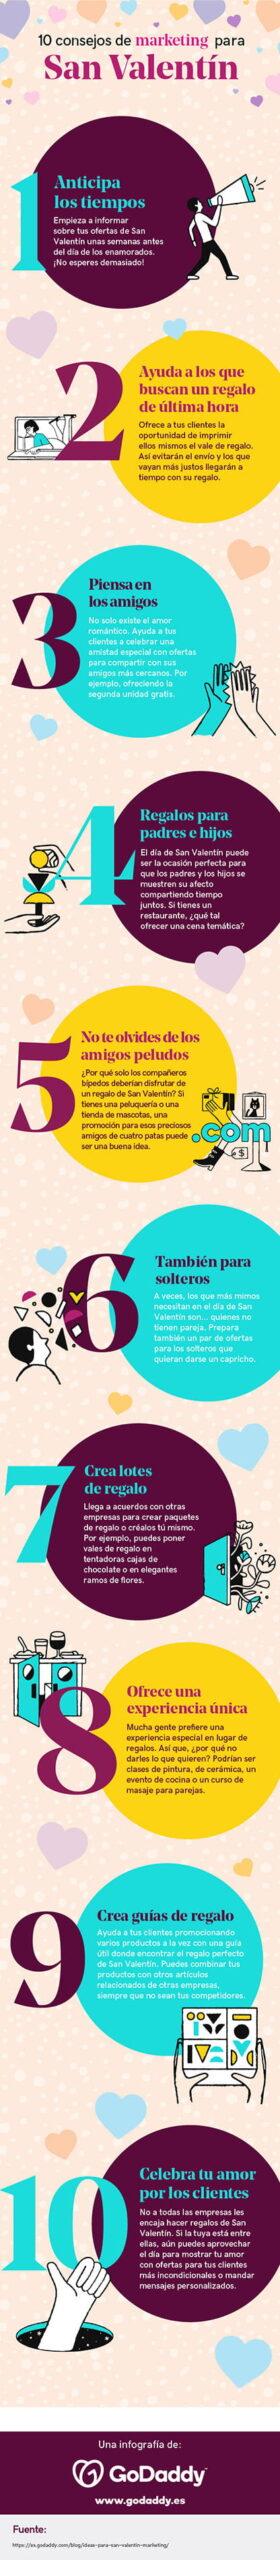 Imagen de la infografía de GoDaddy para San Valentín 2020